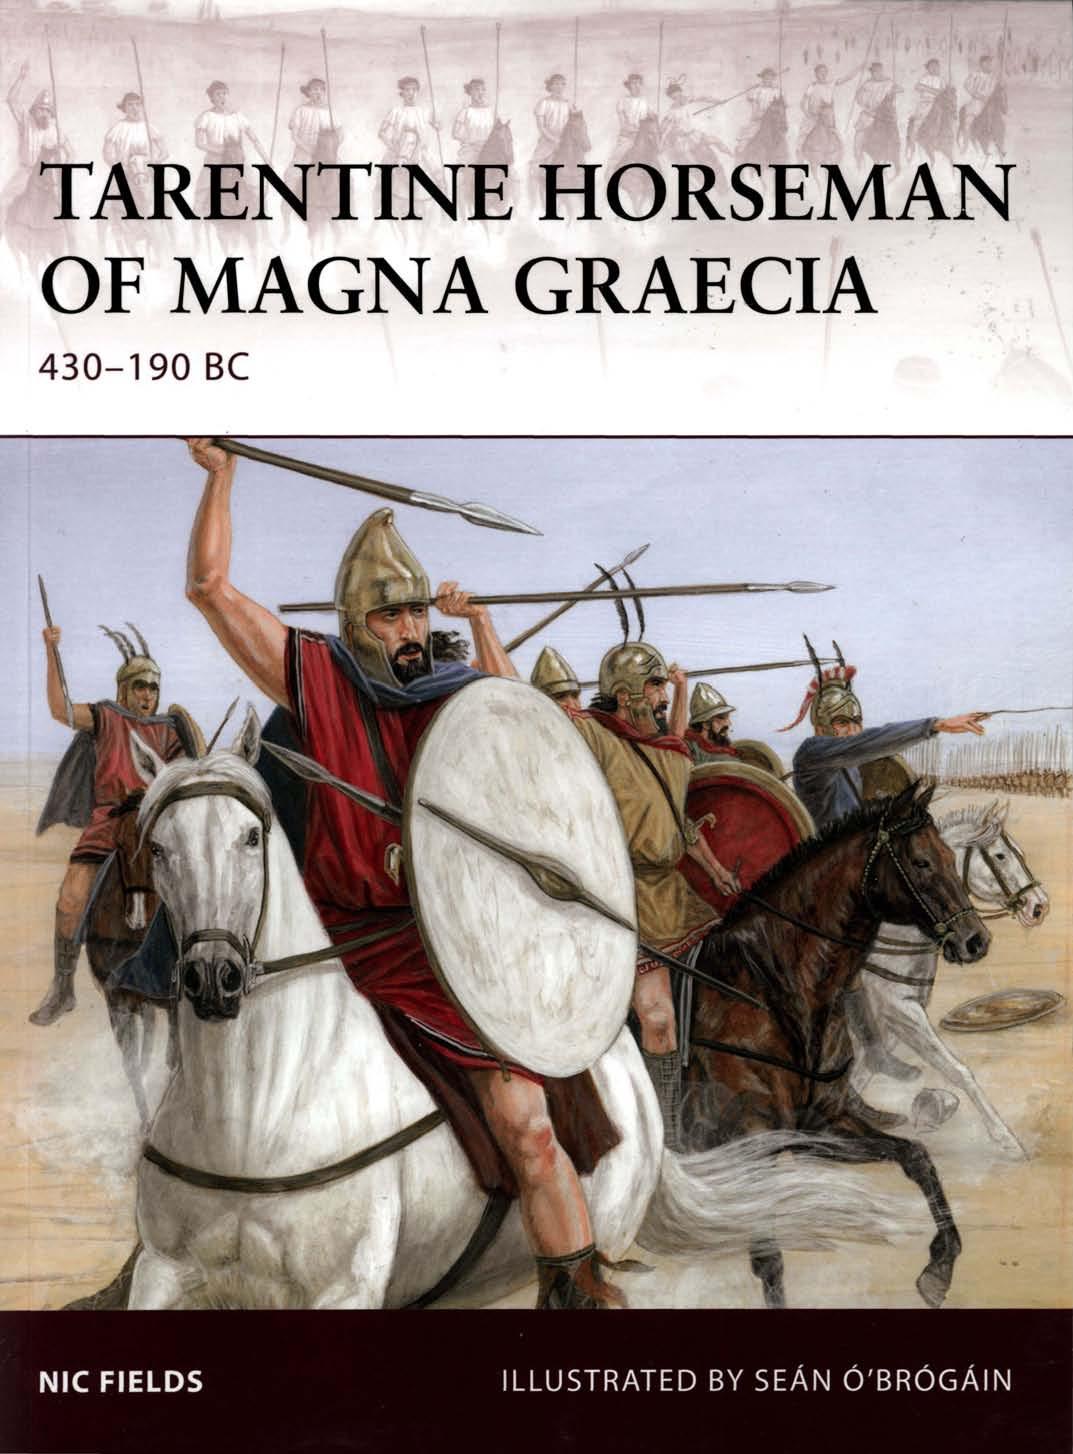 Tarentine Horseman of Magna Graecia